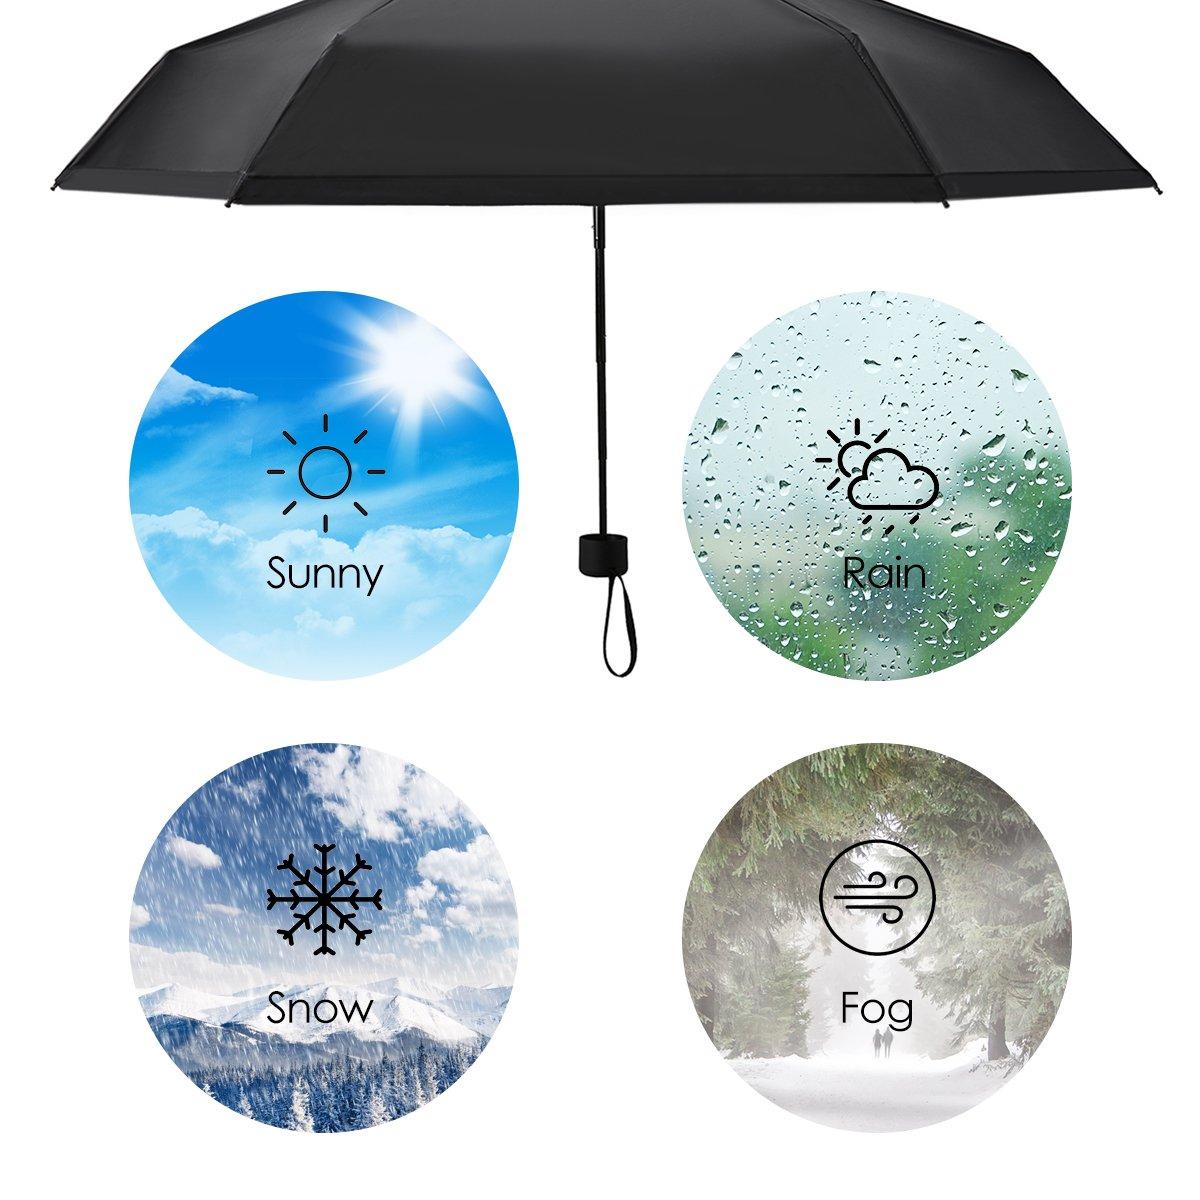 Regenschirm mini leicht, Pathonor Taschenschirm Regenschirm faltender Visier-Sonnenschutz-Regenschirm Im Freien UV-faltender Regenschirm, klein, leicht & kompakt, 180 g(schwarz)